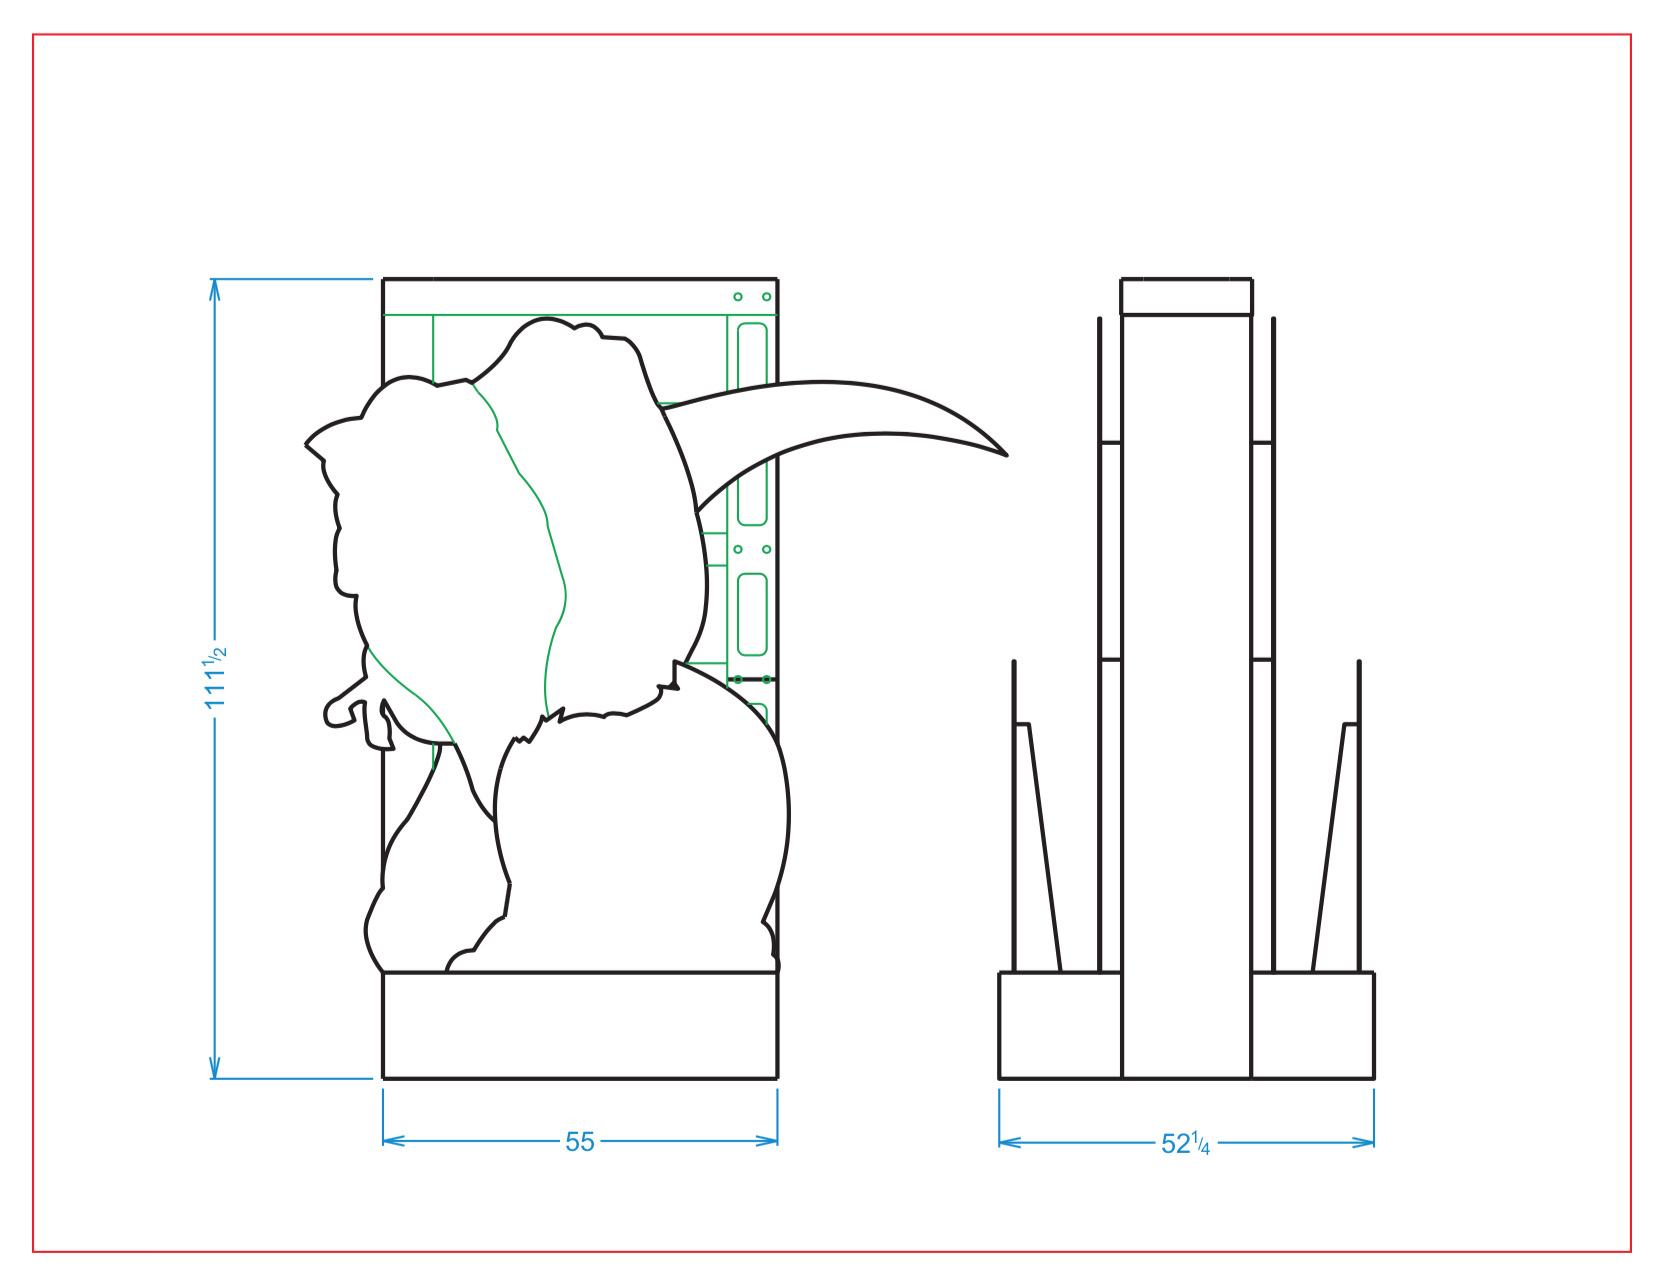 Jurassic World: Fallen Kingdom entryway line drawing